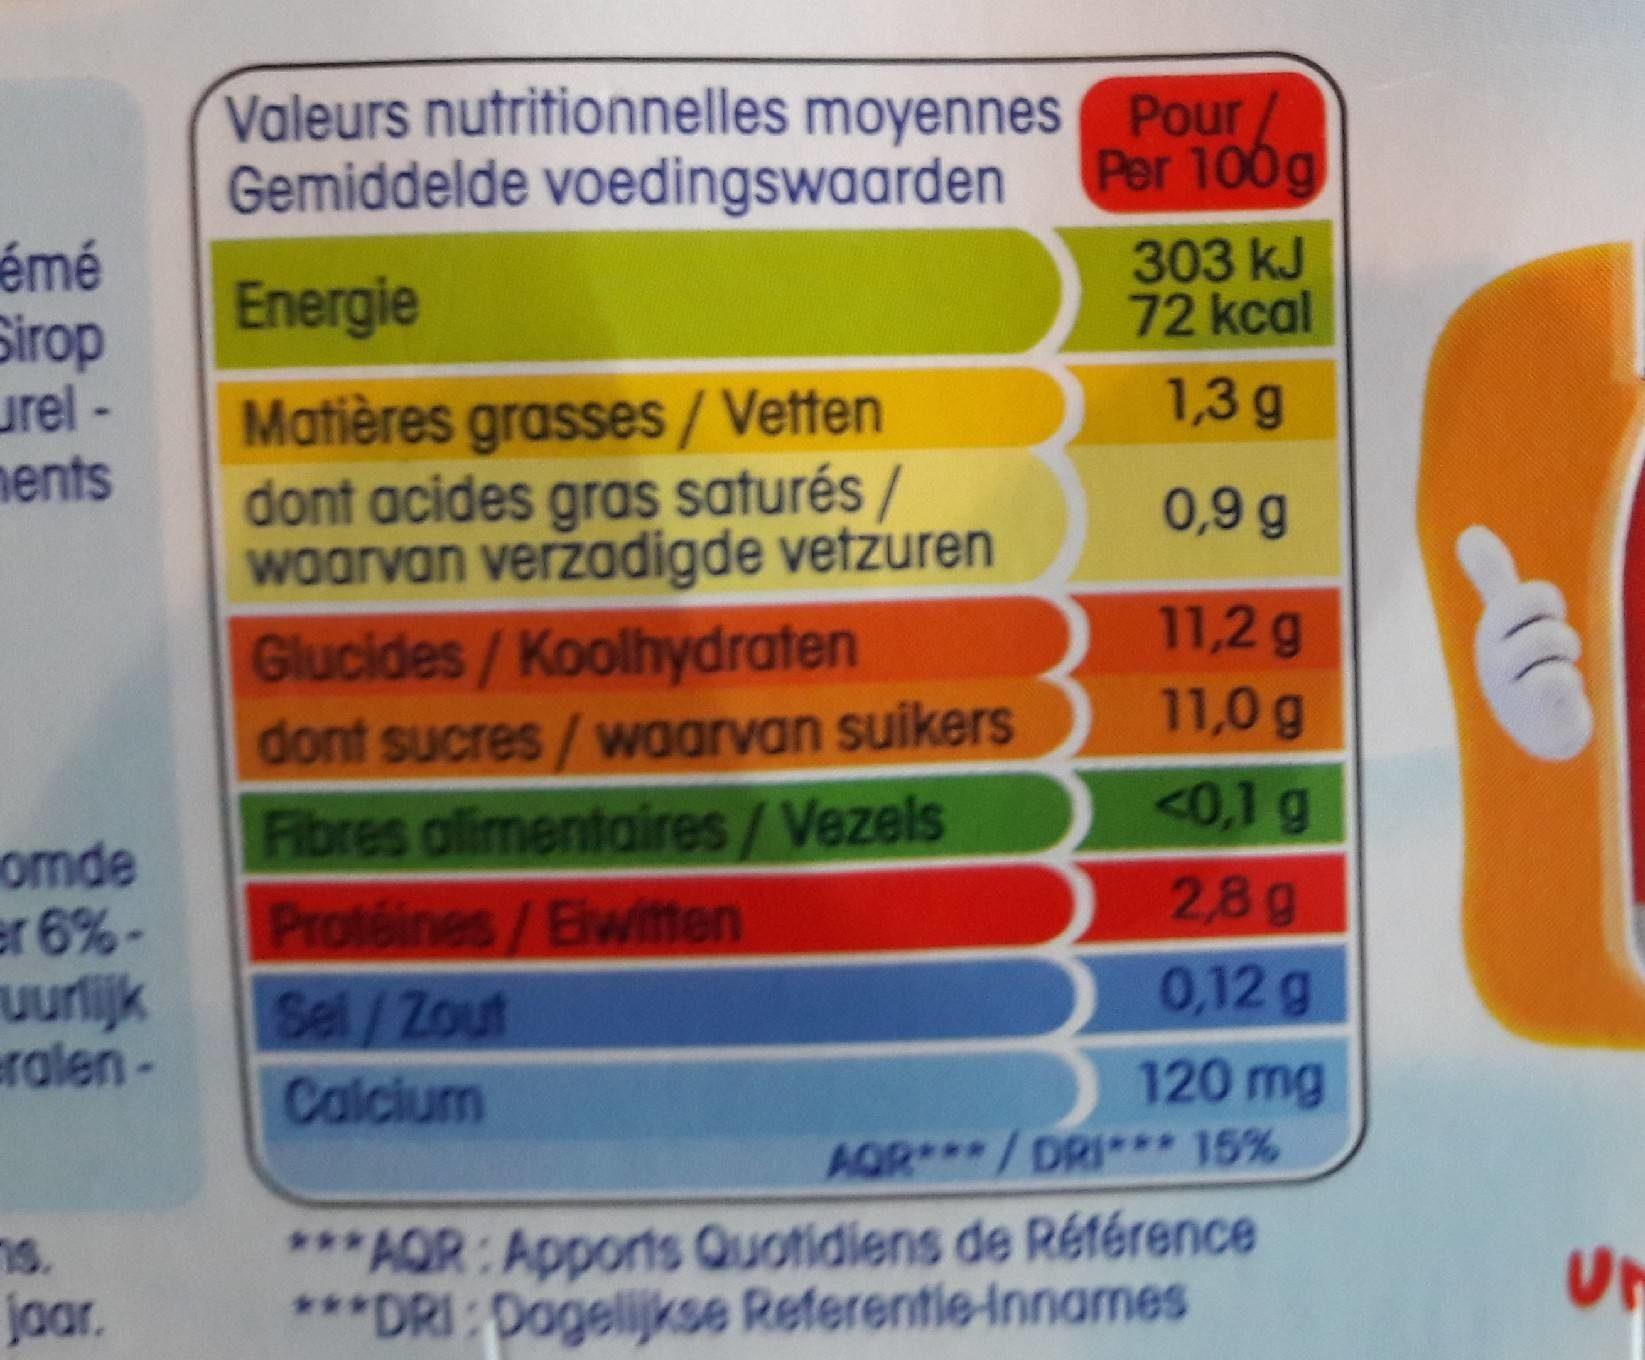 Mini Yop goût Fraise - Voedingswaarden - fr